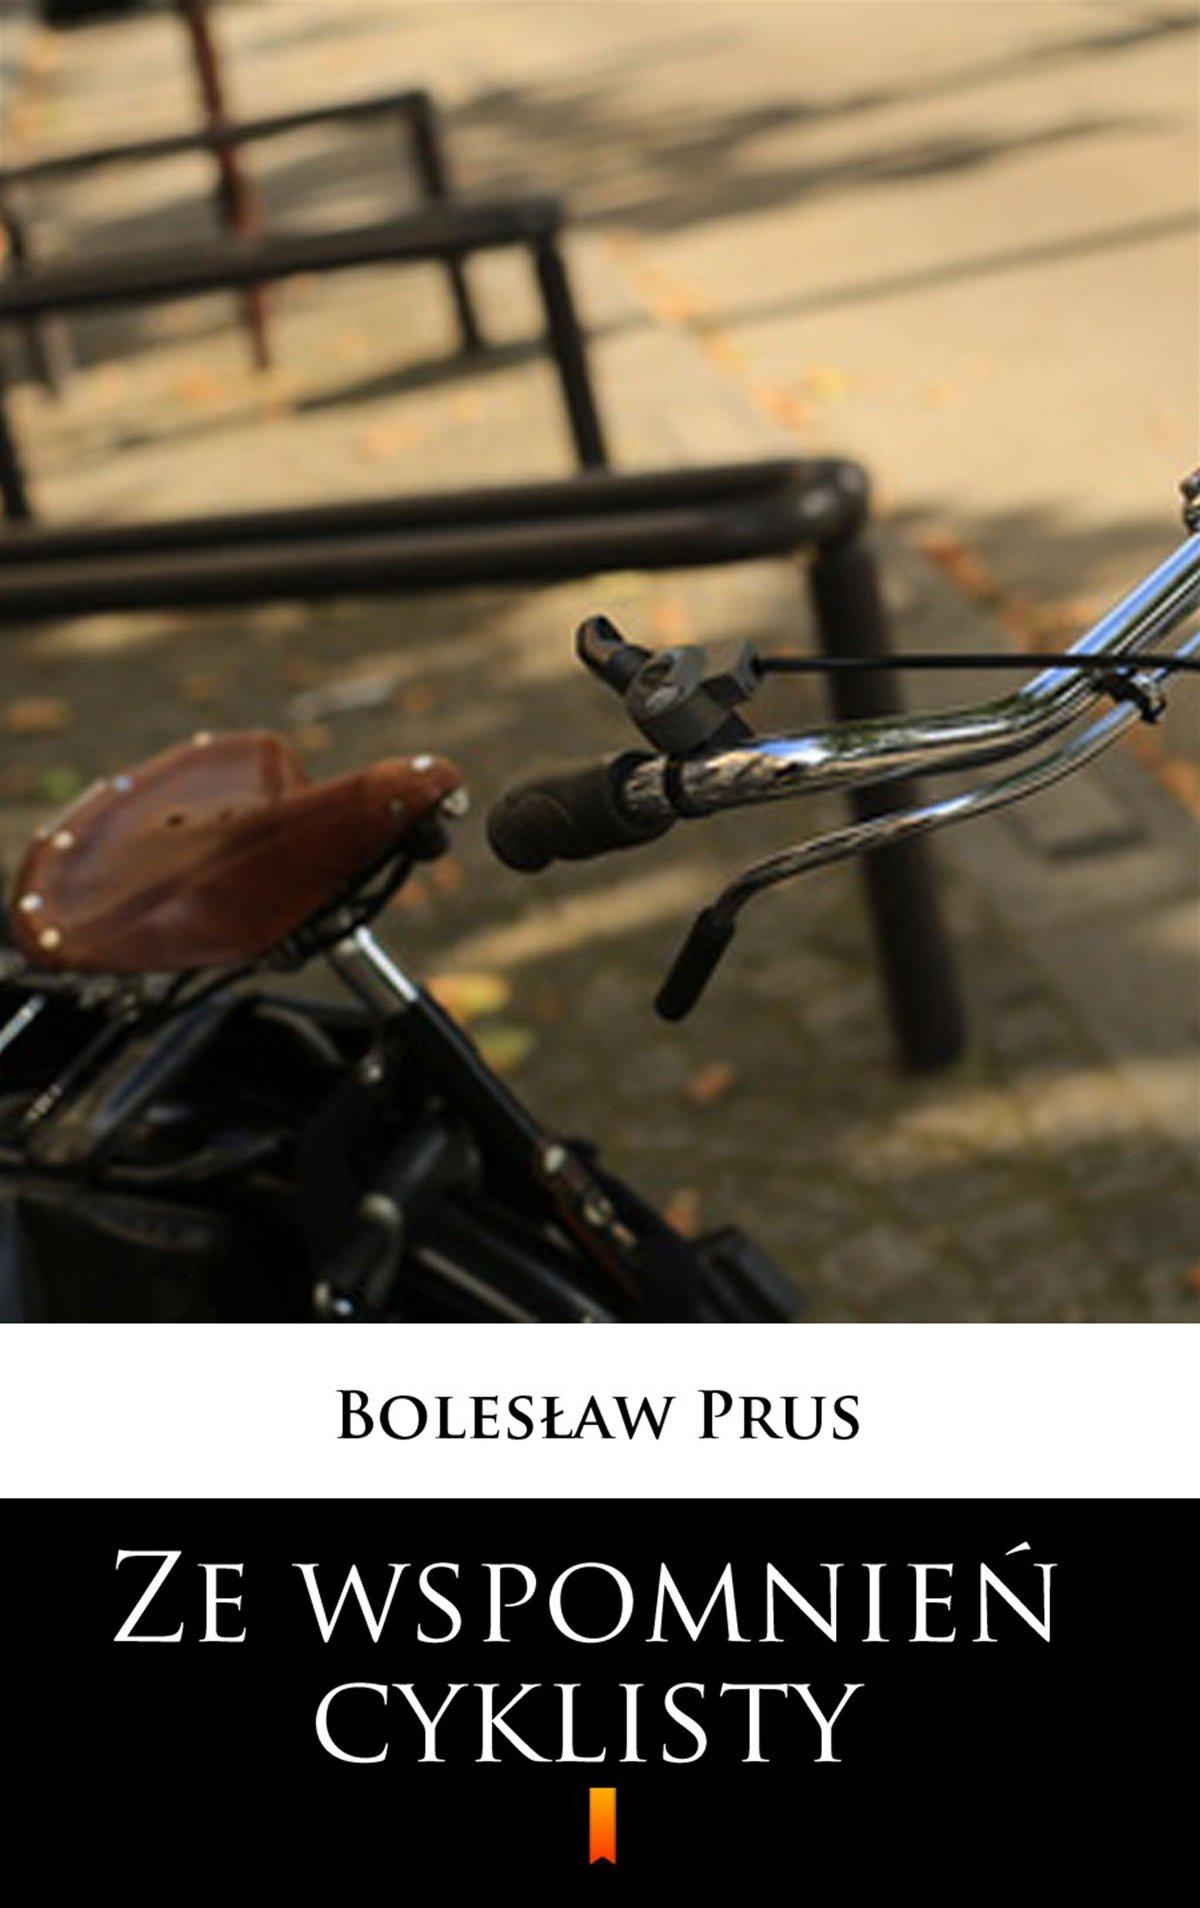 Ze wspomnień cyklisty - Ebook (Książka EPUB) do pobrania w formacie EPUB